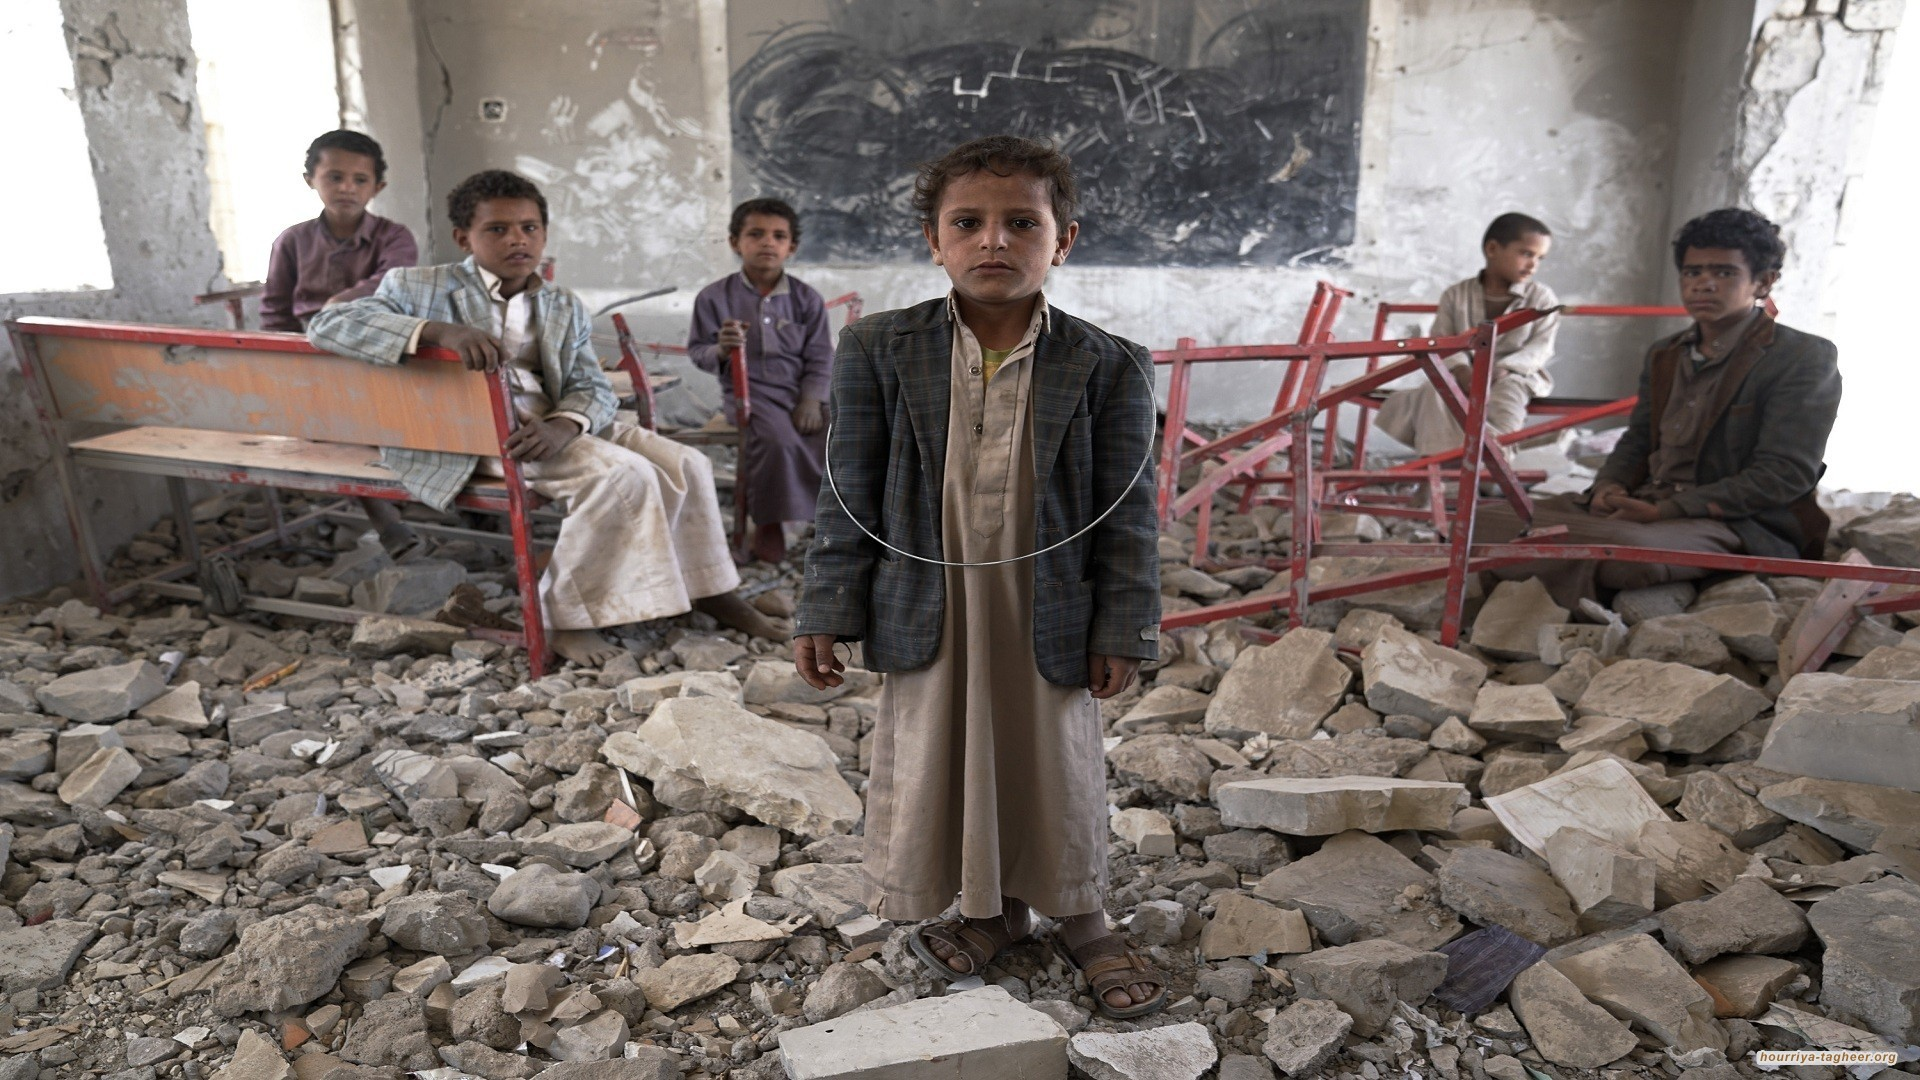 السعودية قتلت المدنيين باليمن وتسترت على الجريمة